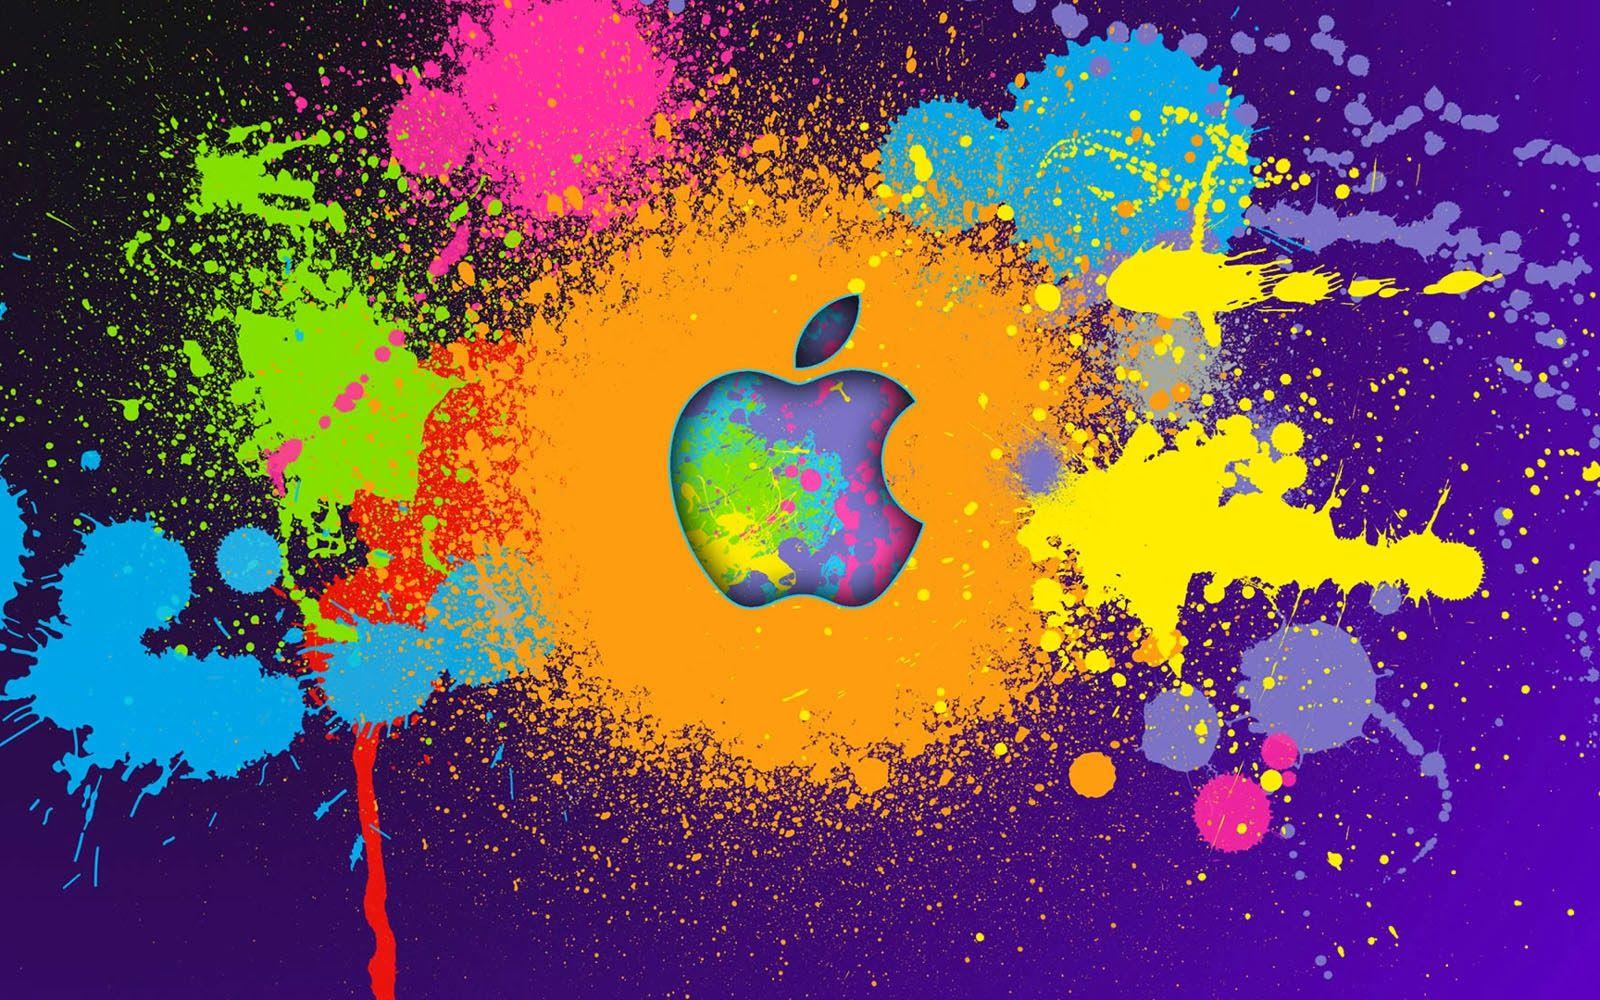 Apple Colors Wallpaper X